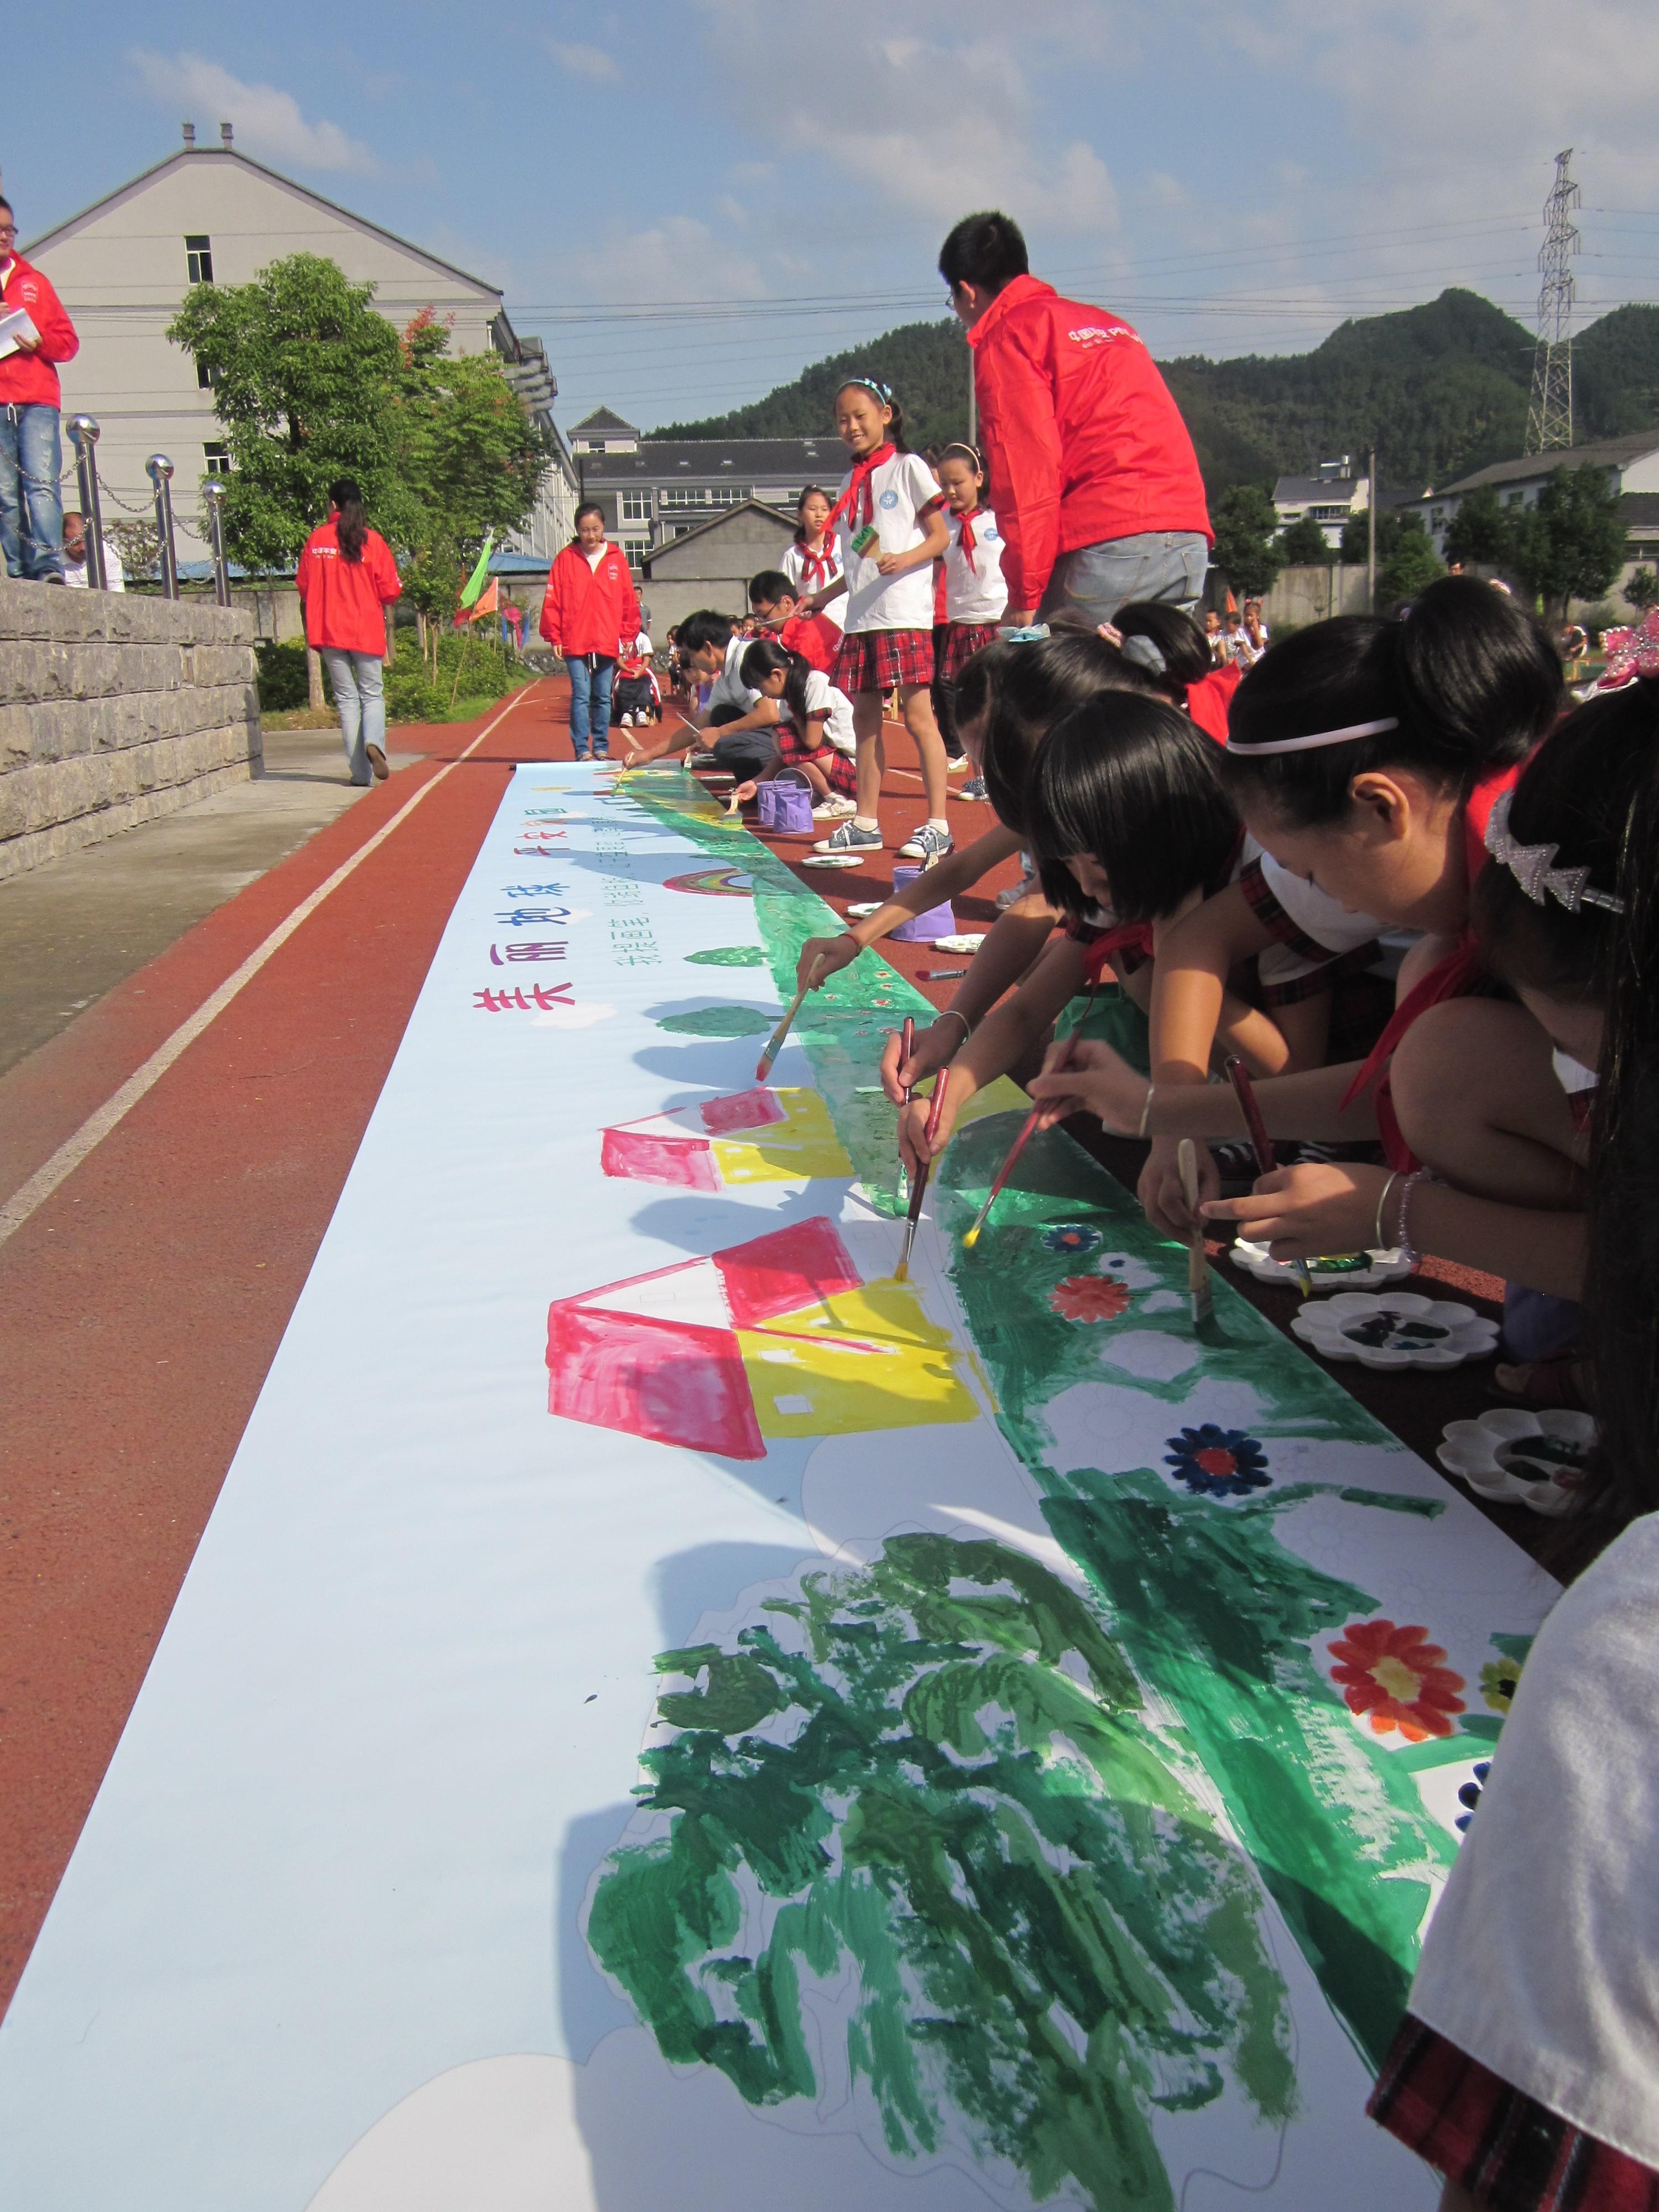 2011宁波组——启动仪式上孩子们和志愿者共同描绘美丽地球